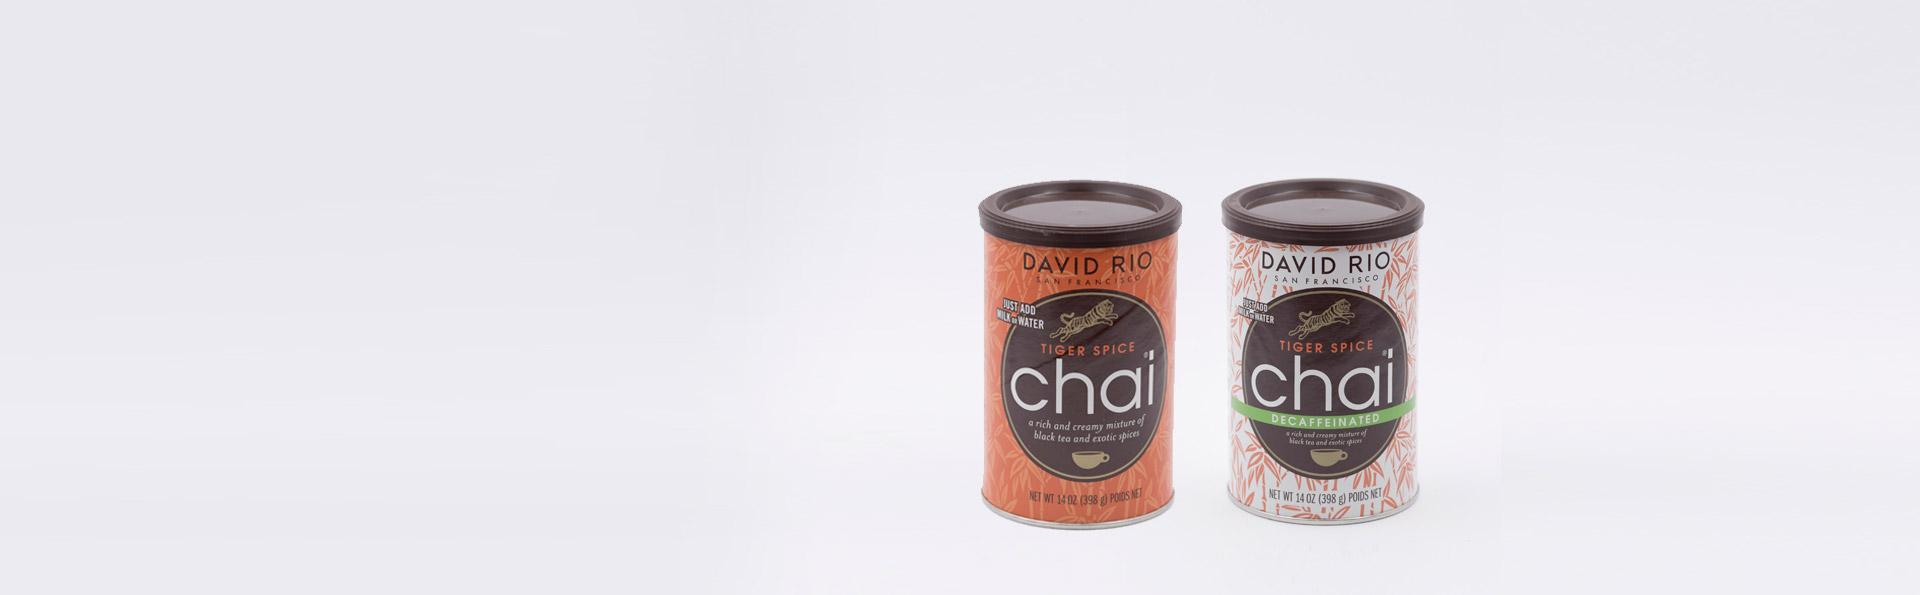 chai-latte-soluble-te-infusion-david-rio-tiger-spice-descafeinado